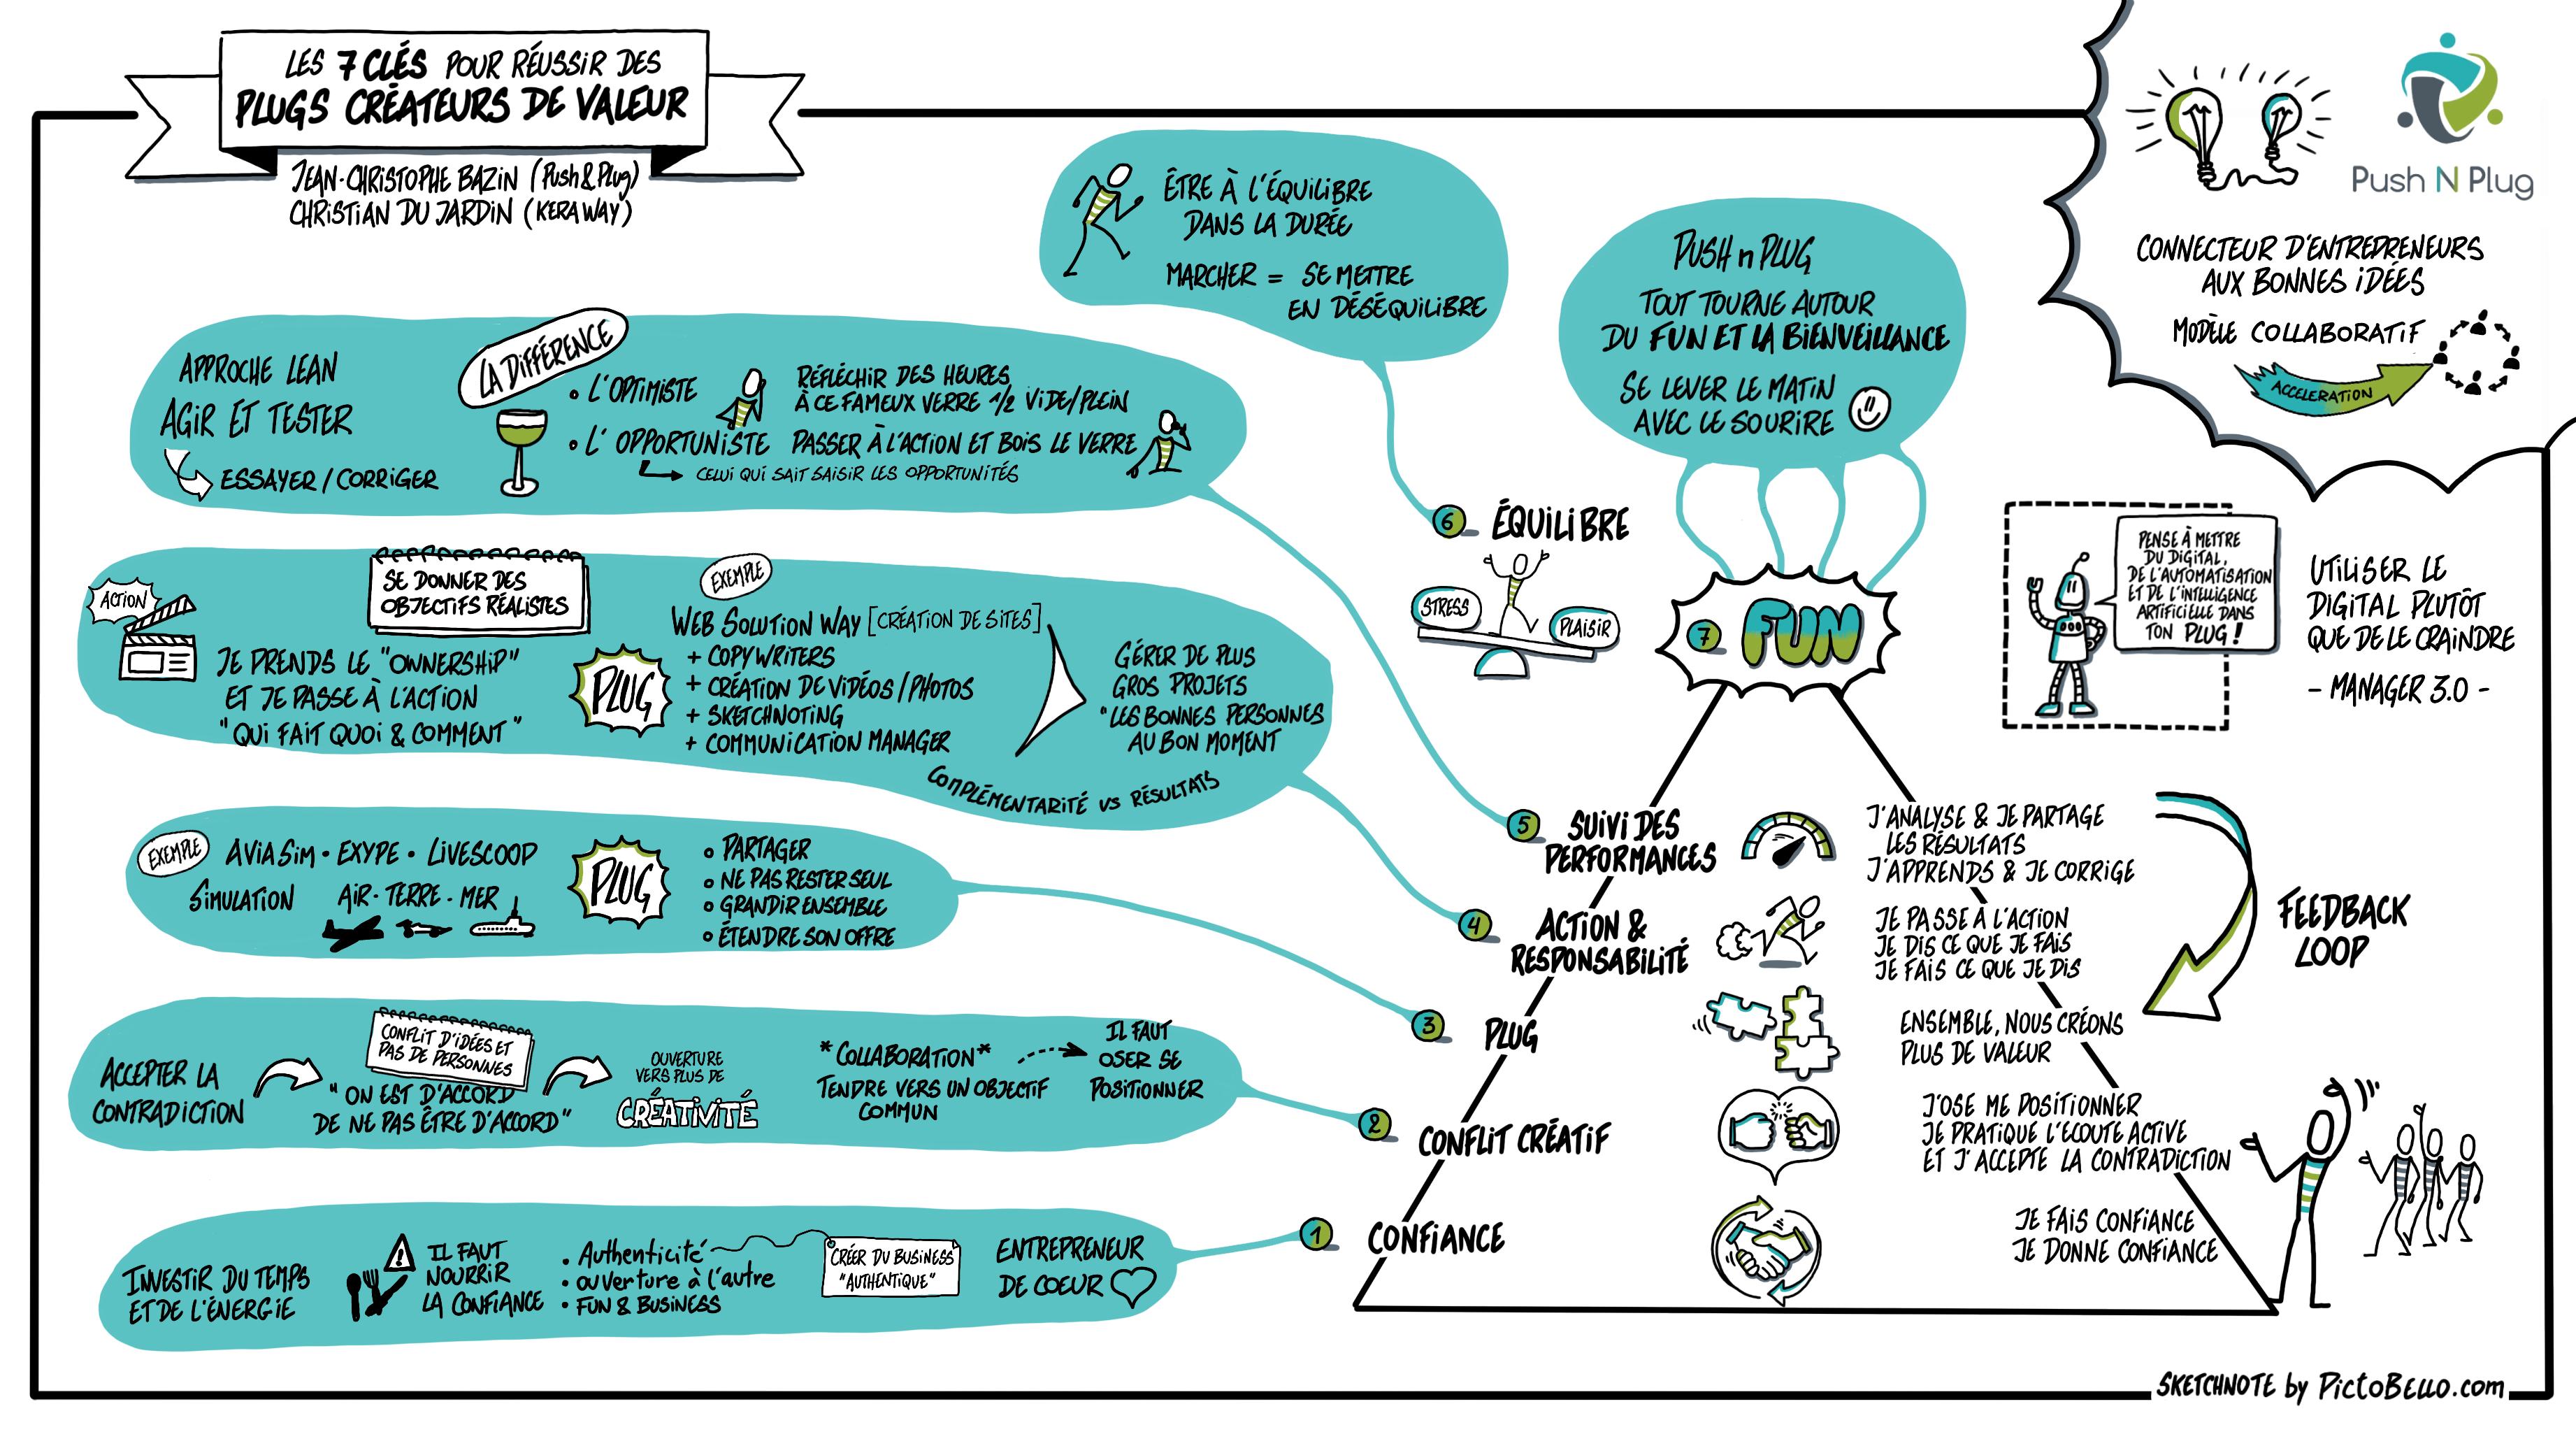 Wikipreneur Sketchnote de la conférence les 7 clés pour réussir des Plugs de Valeur